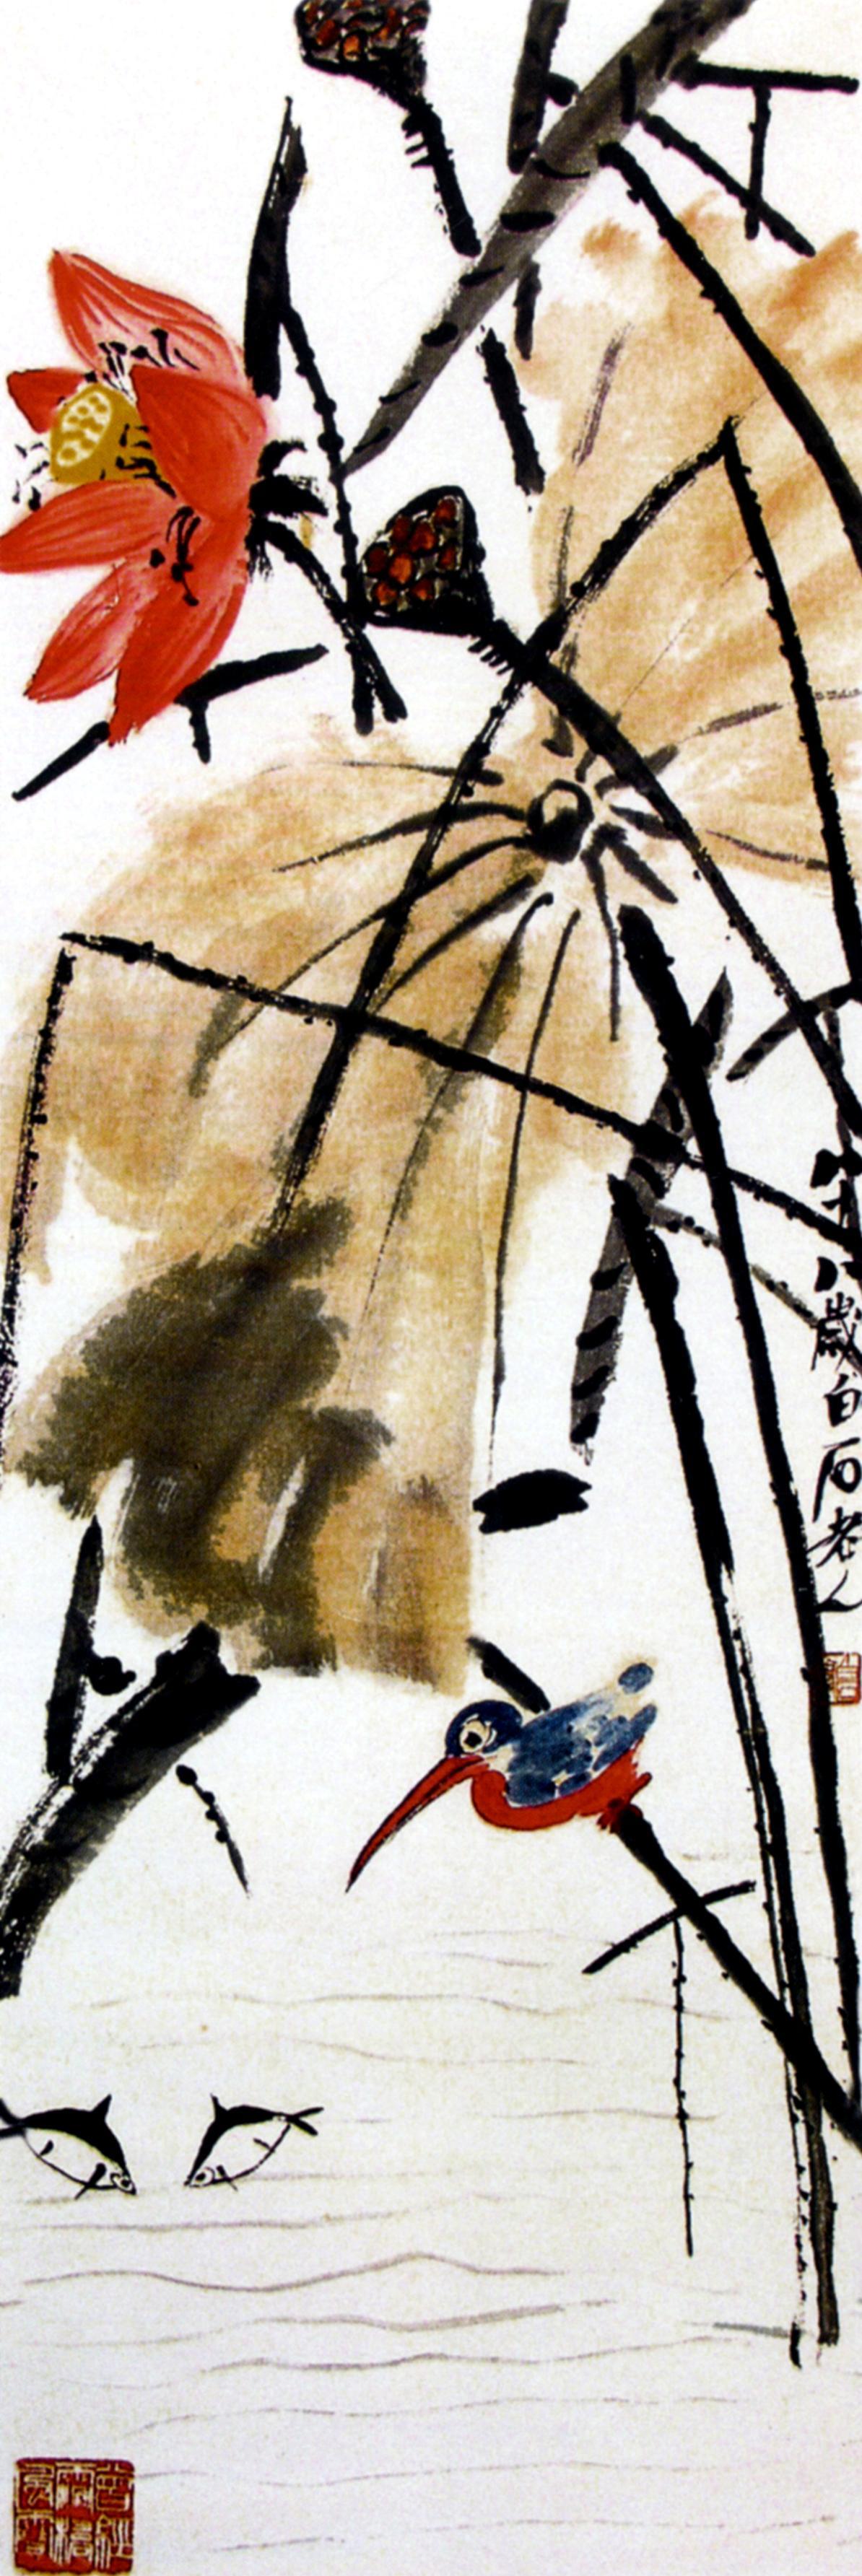 Картины Ци Бай-ши. Посвящается всем ...: nevsepic.com.ua/art-i-risovanaya-grafika/17137-kartiny-ci-bay-shi...